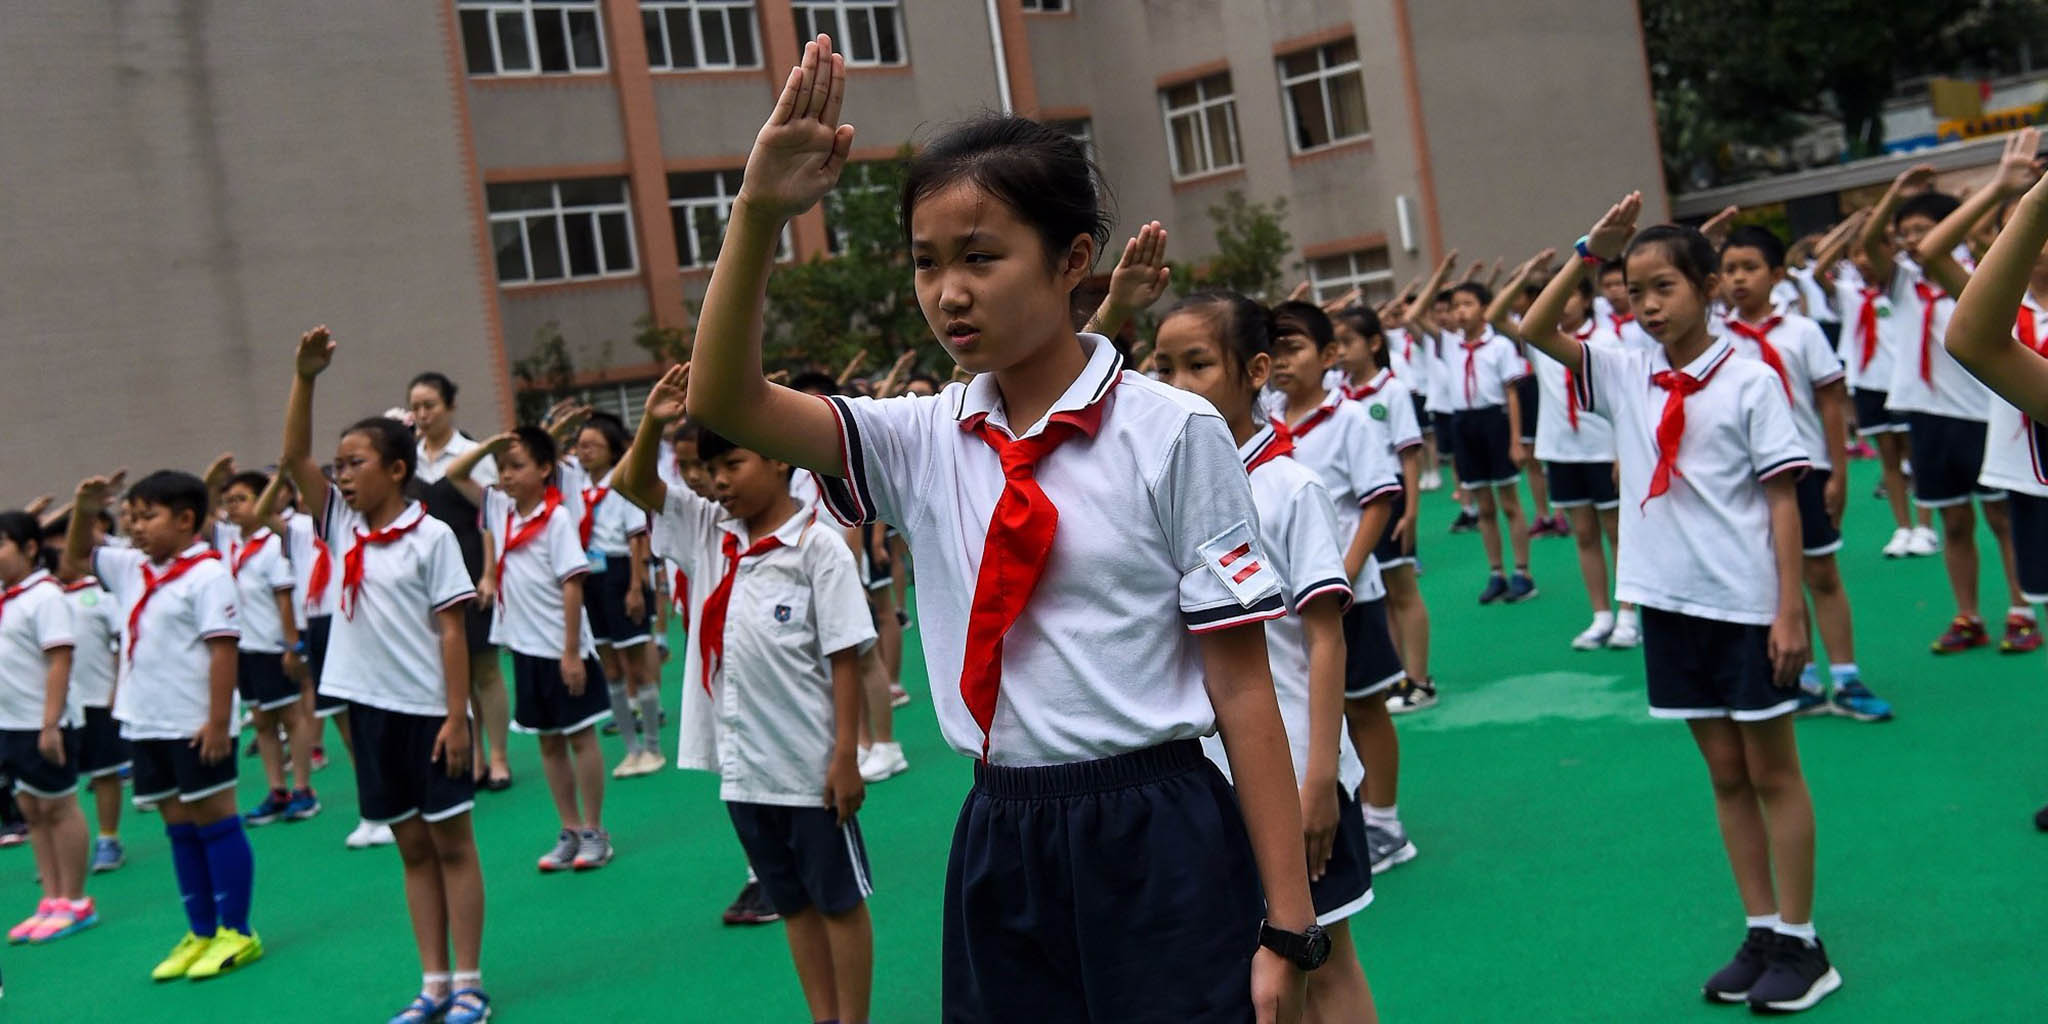 Ensino | Escolas internacionais já integram hino nacional chinês nos planos de estudo